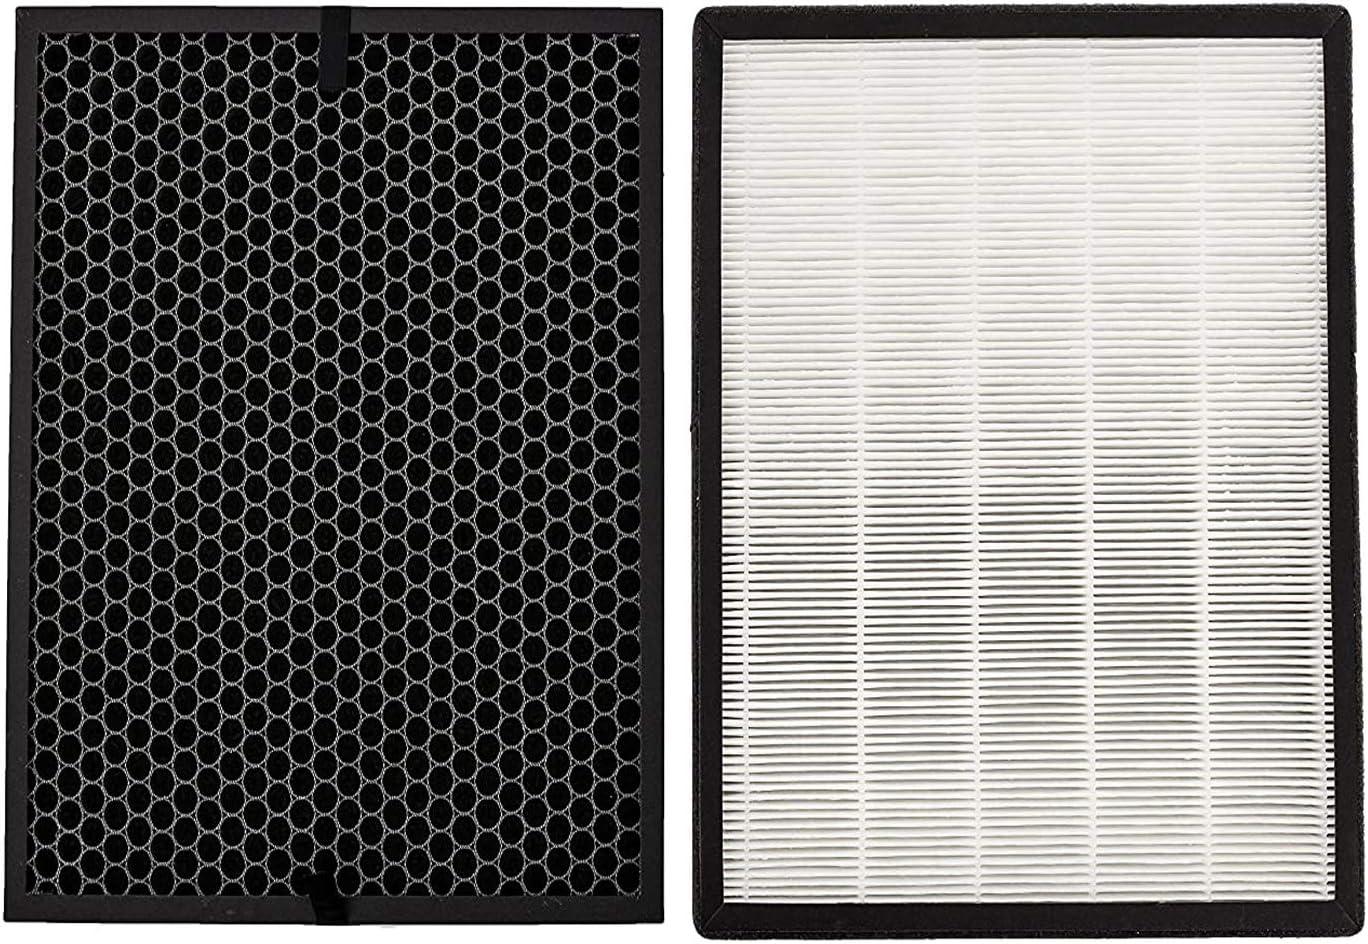 Zealing Juego de filtros de repuesto compatibles con el purificador de aire Levoit LV-PUR131 y LV-PUR131S, True HEPA y filtros de carbón activado, filtro de 3 etapas, LV-PUR131-RF